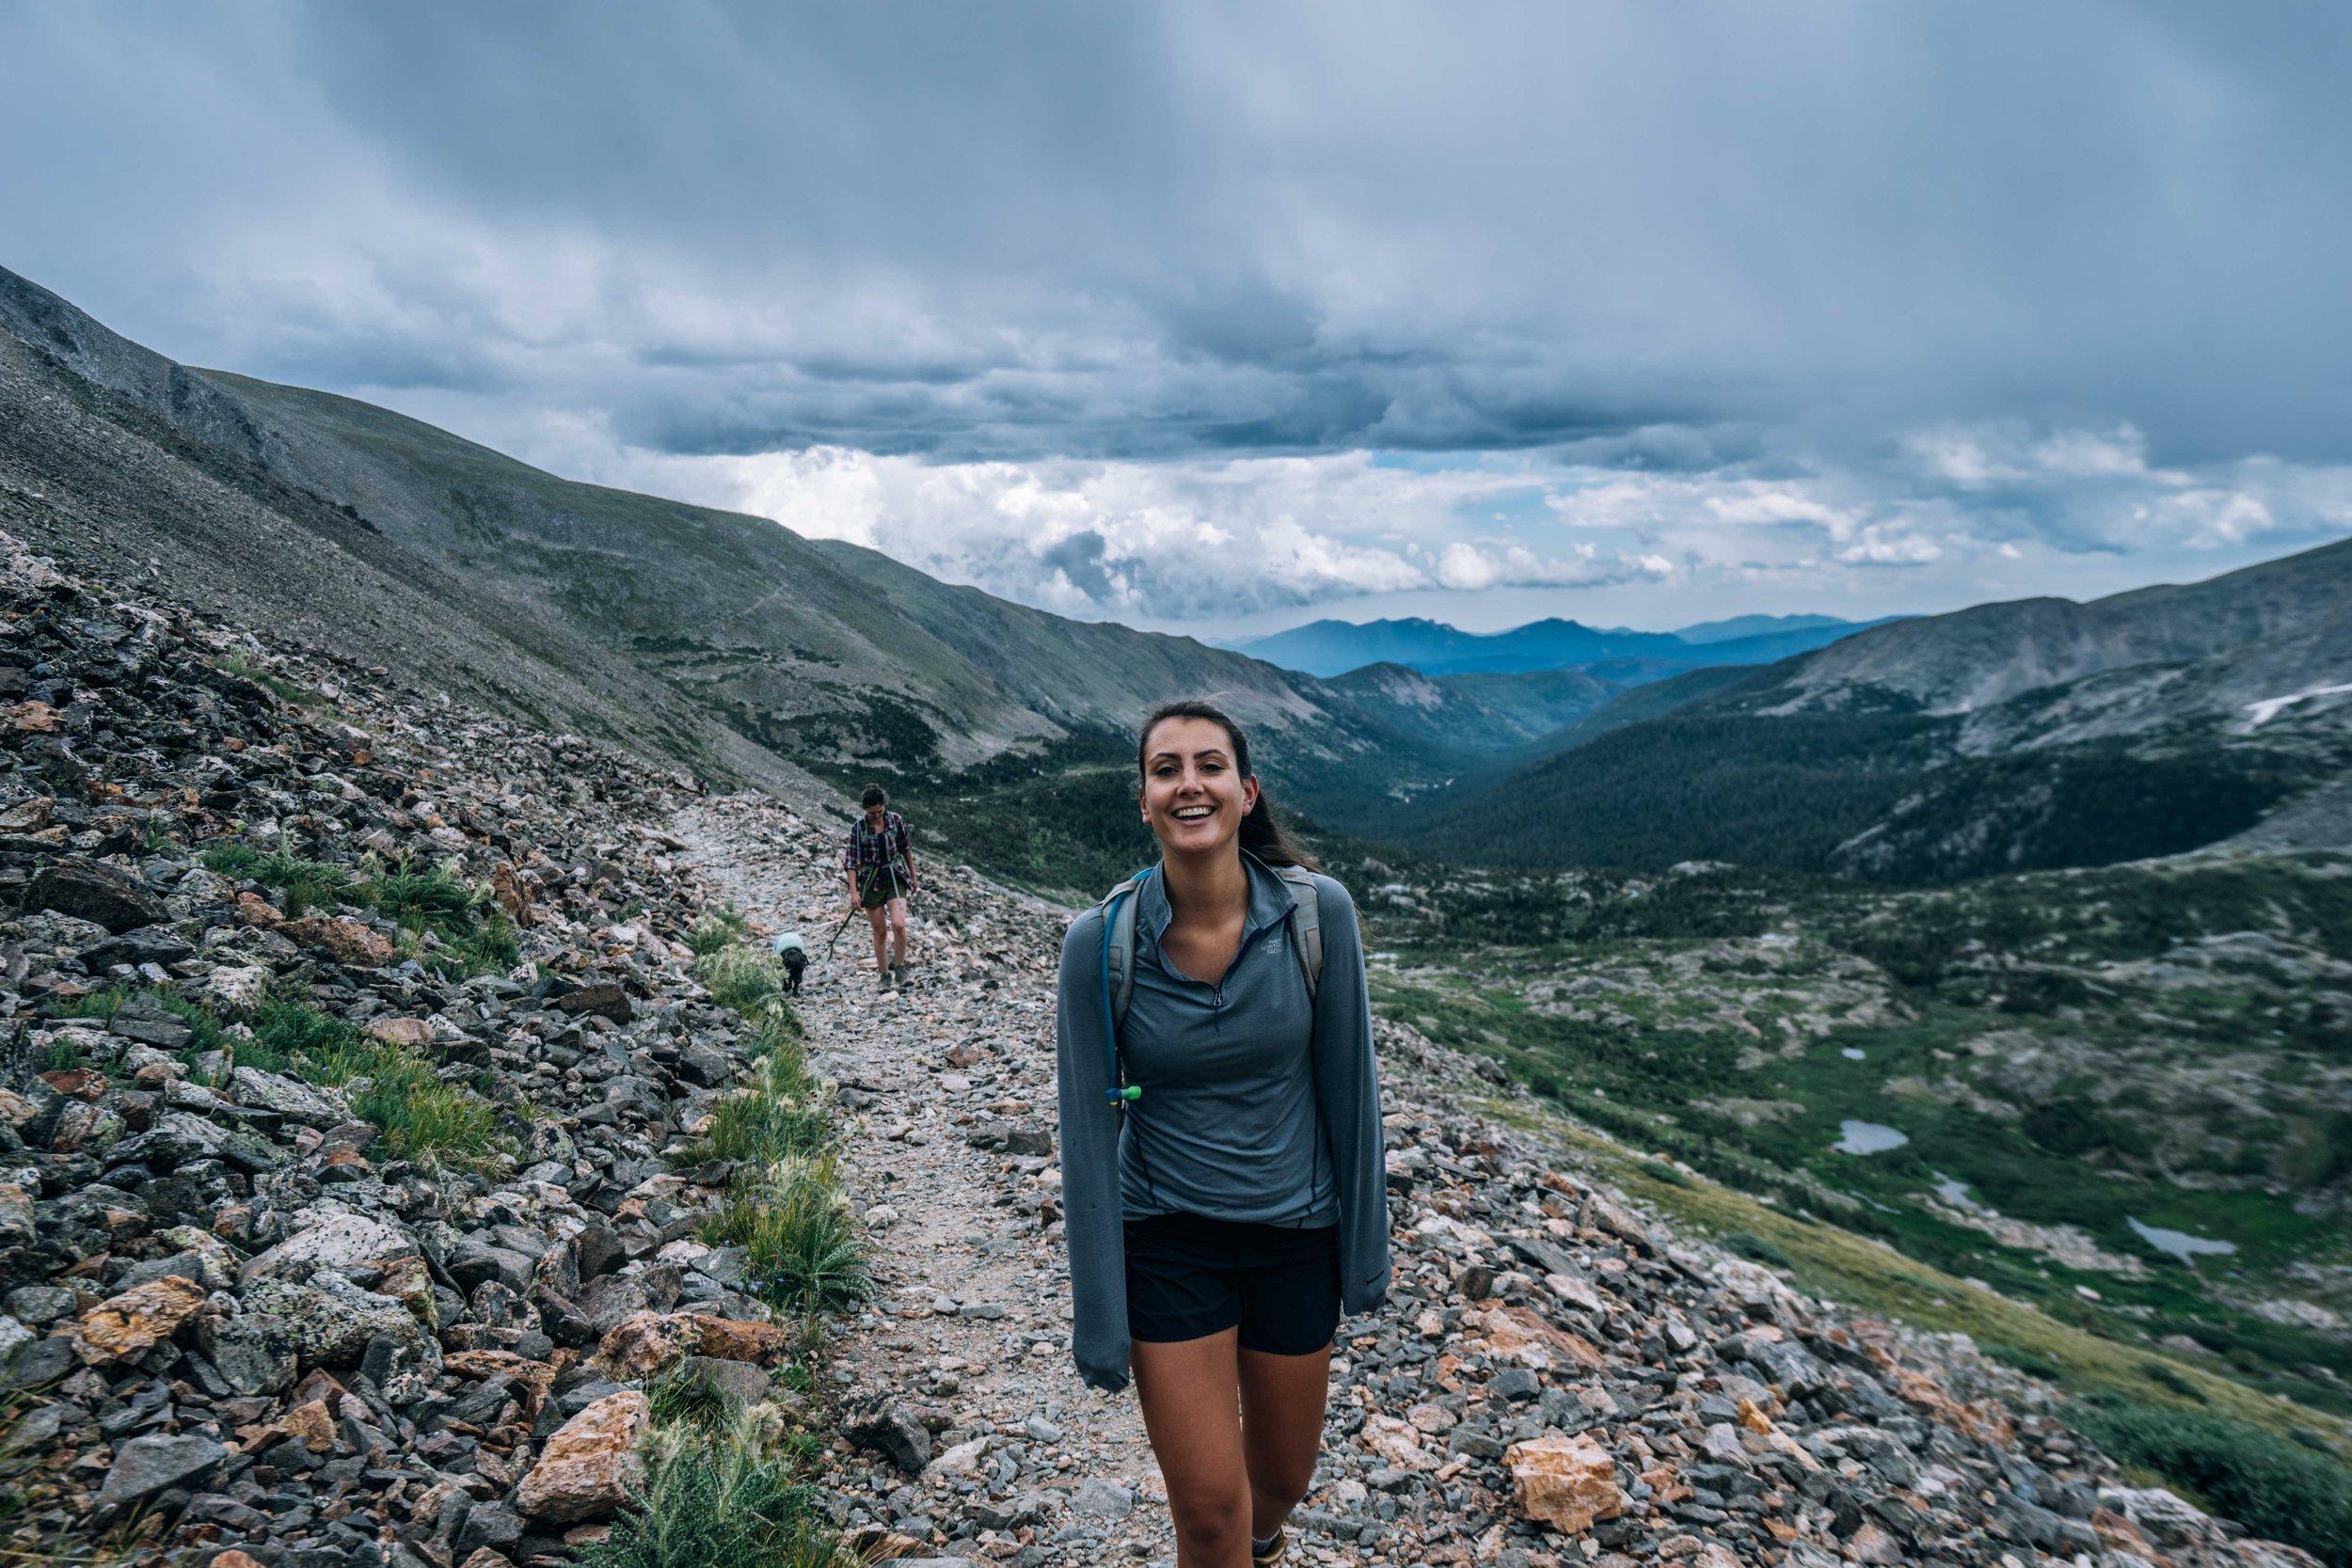 Colorado, July 2017